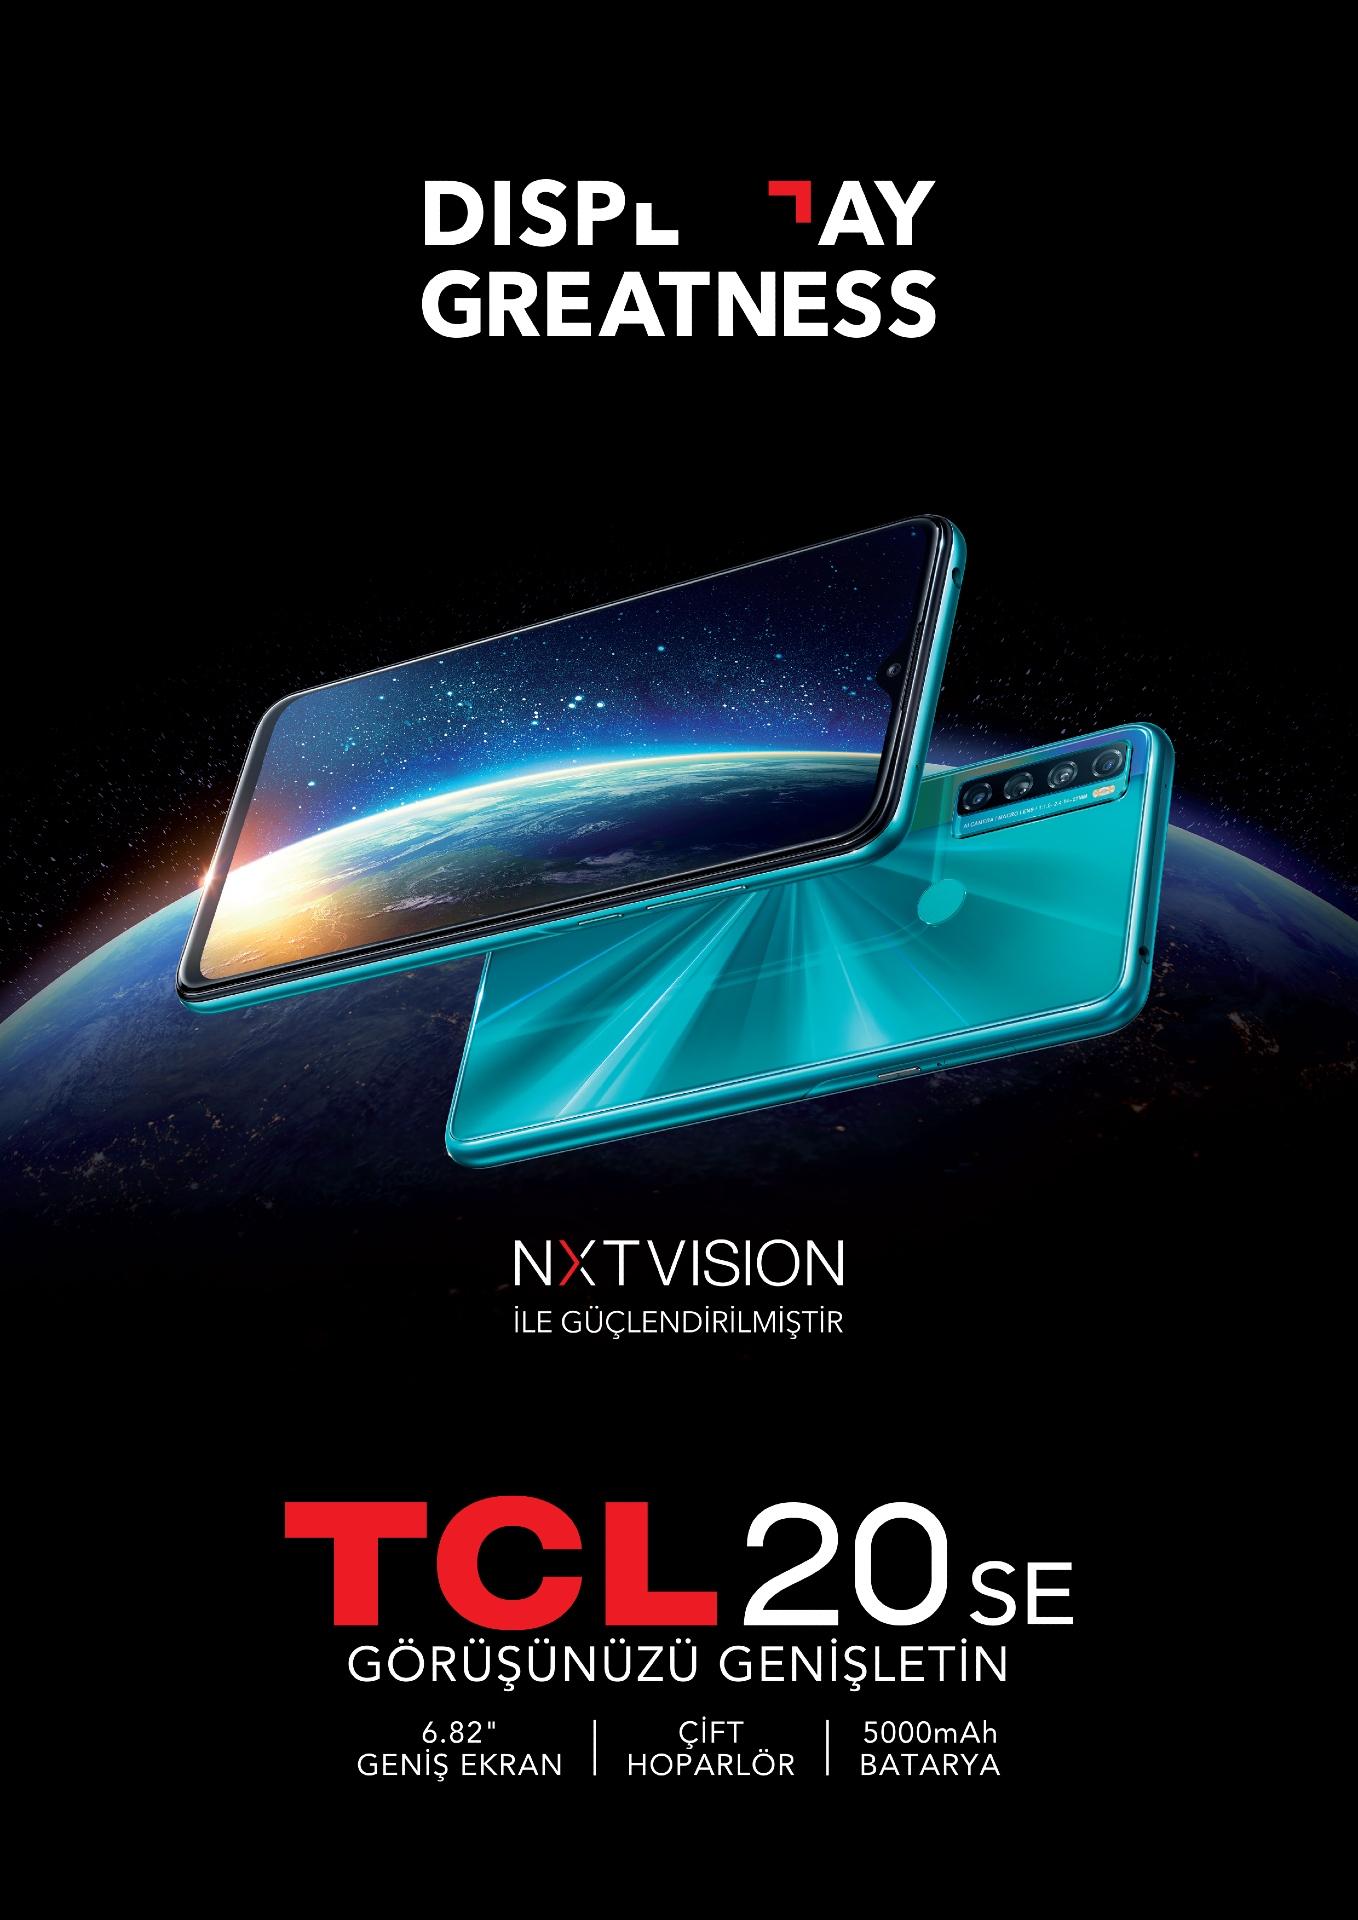 TCL_20_SE_KV